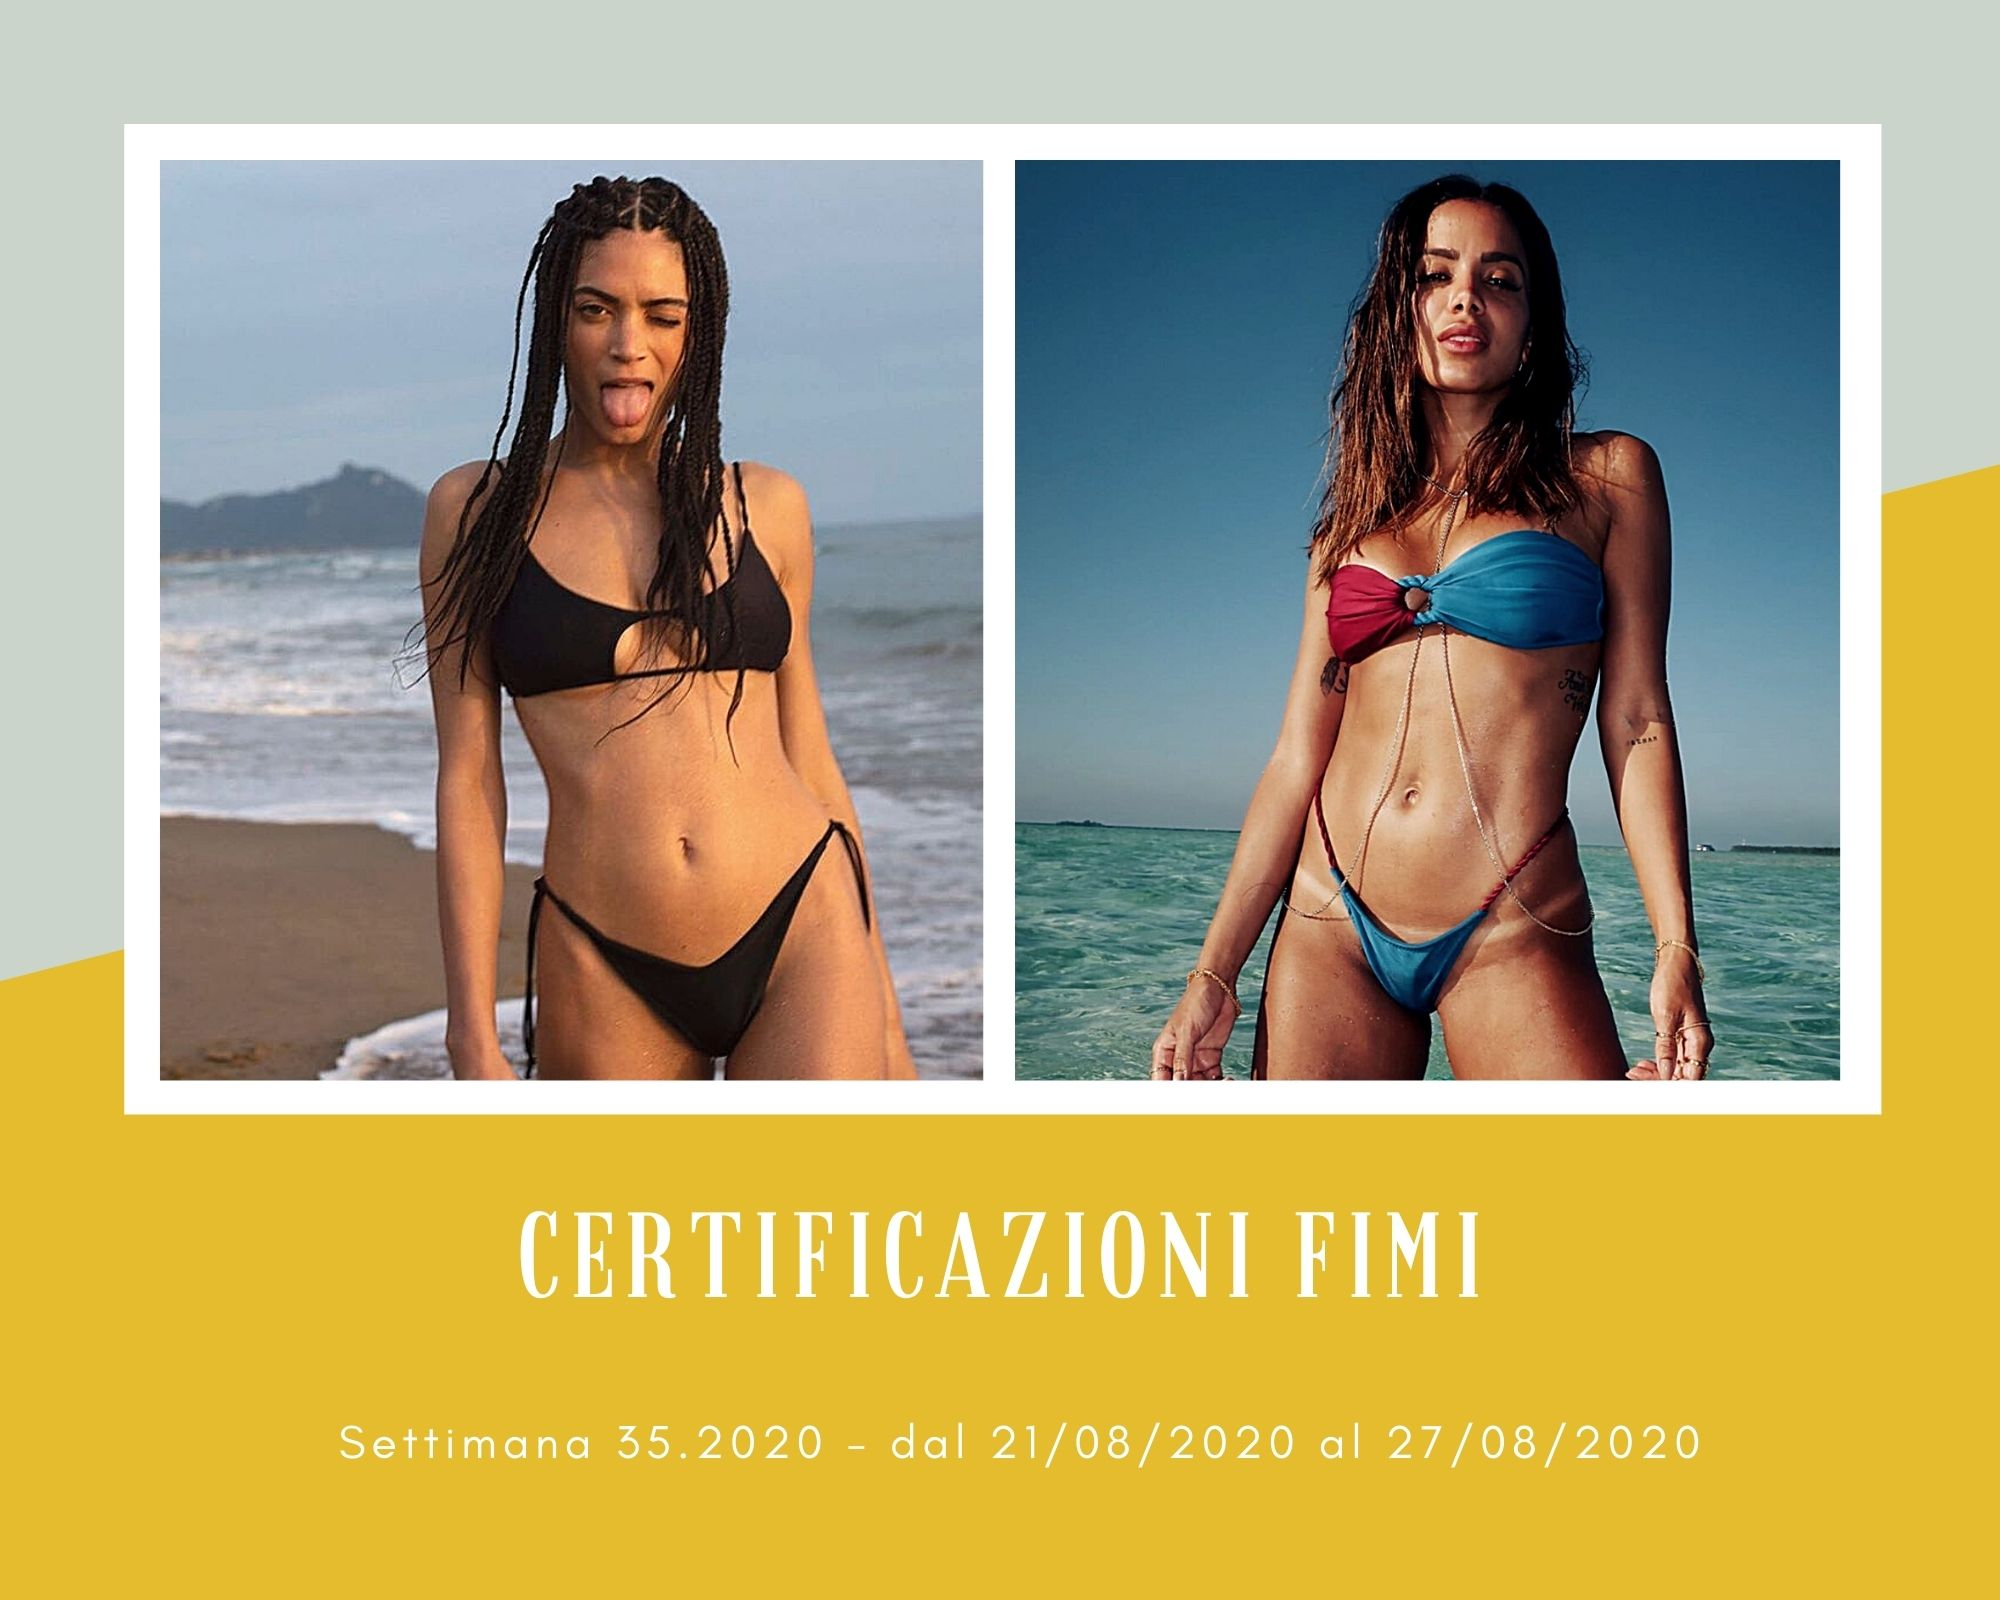 Certificazioni FIMI, week 35: Terza hit di platino per Elodie. Il 2020 premia anche Anitta, Fred De Palma, Izi e Gué Pequeno